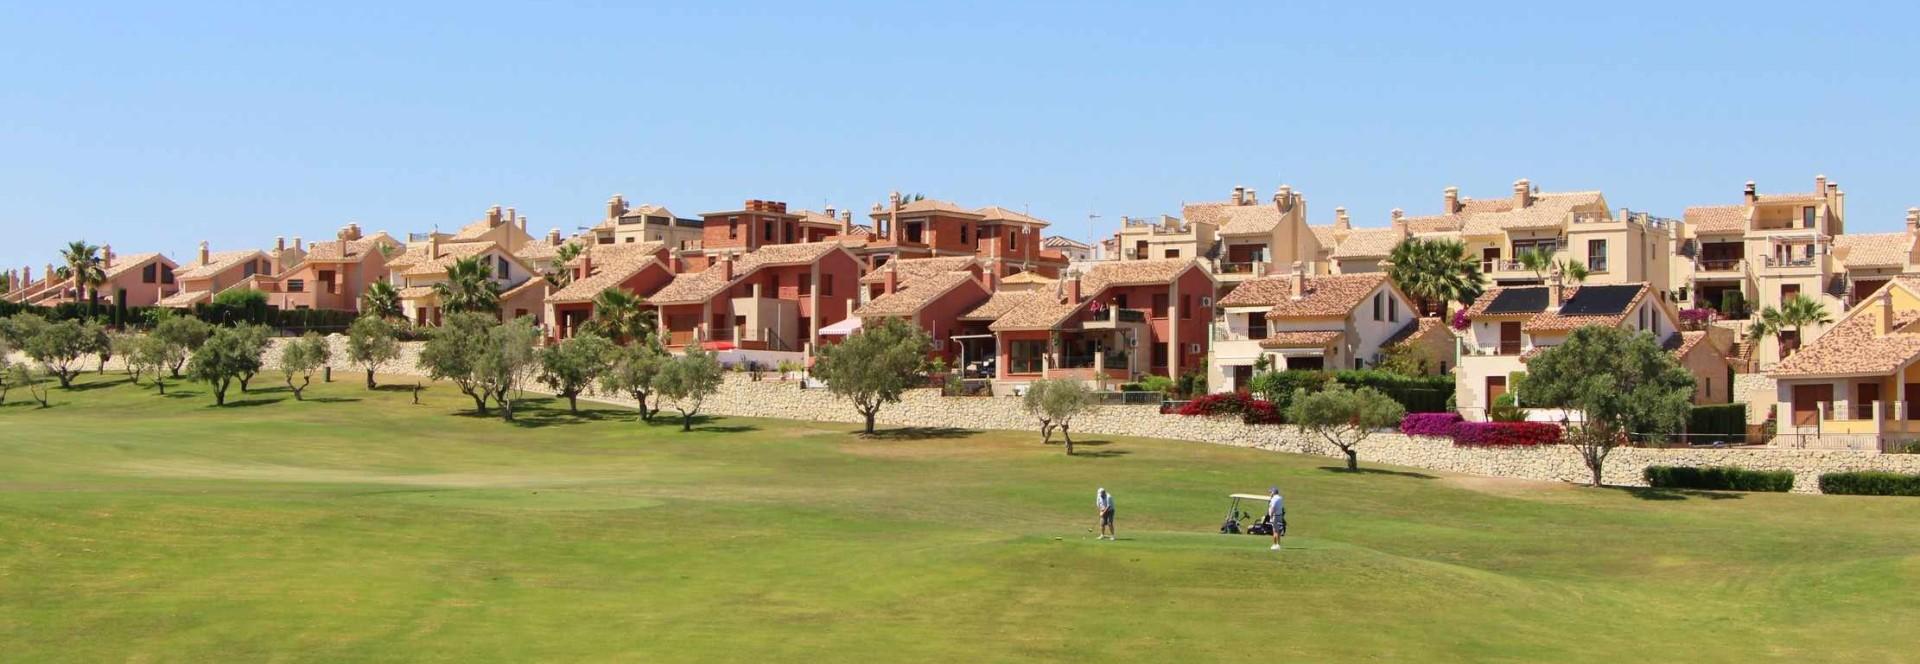 Appartements a vendre en Espagne